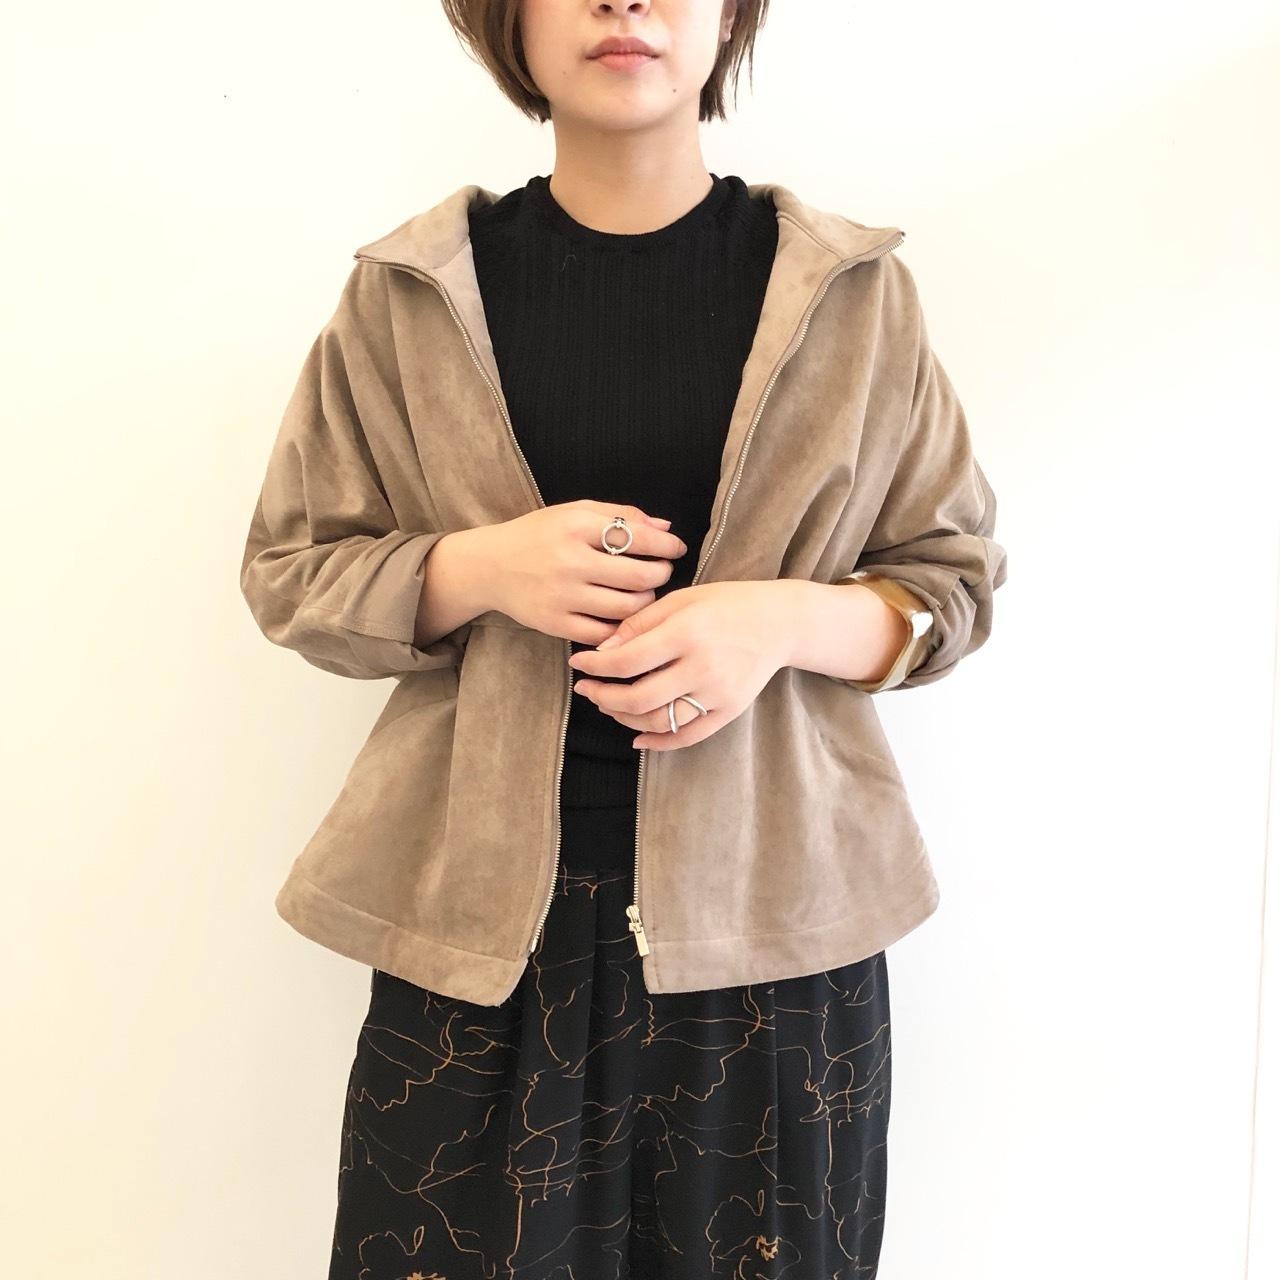 【 Days 】- 129-2718 -スエードミリタリージャケット